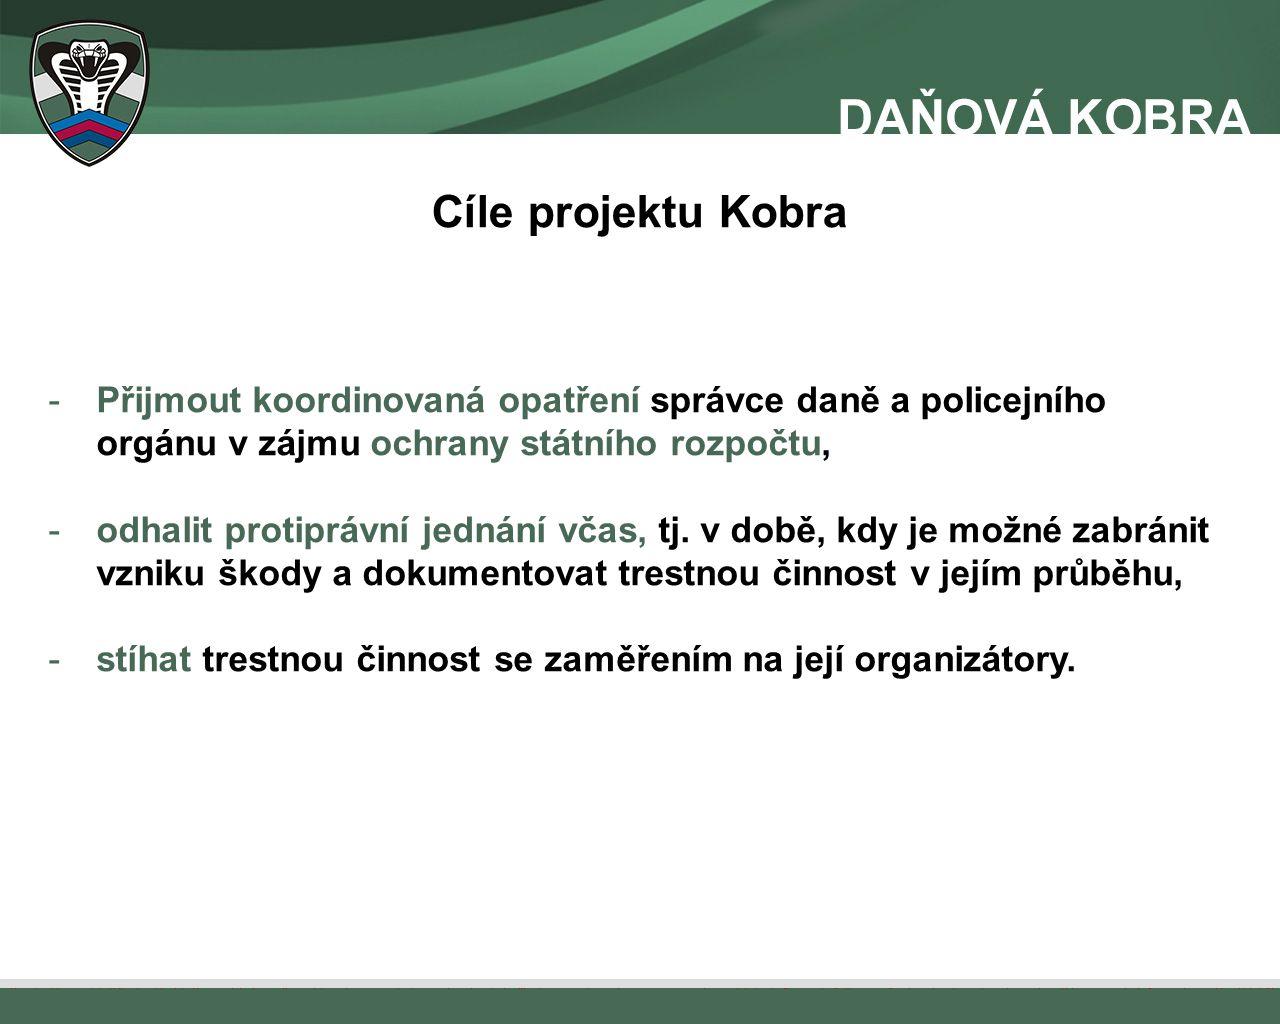 Cíle projektu Kobra -Přijmout koordinovaná opatření správce daně a policejního orgánu v zájmu ochrany státního rozpočtu, -odhalit protiprávní jednání včas, tj.